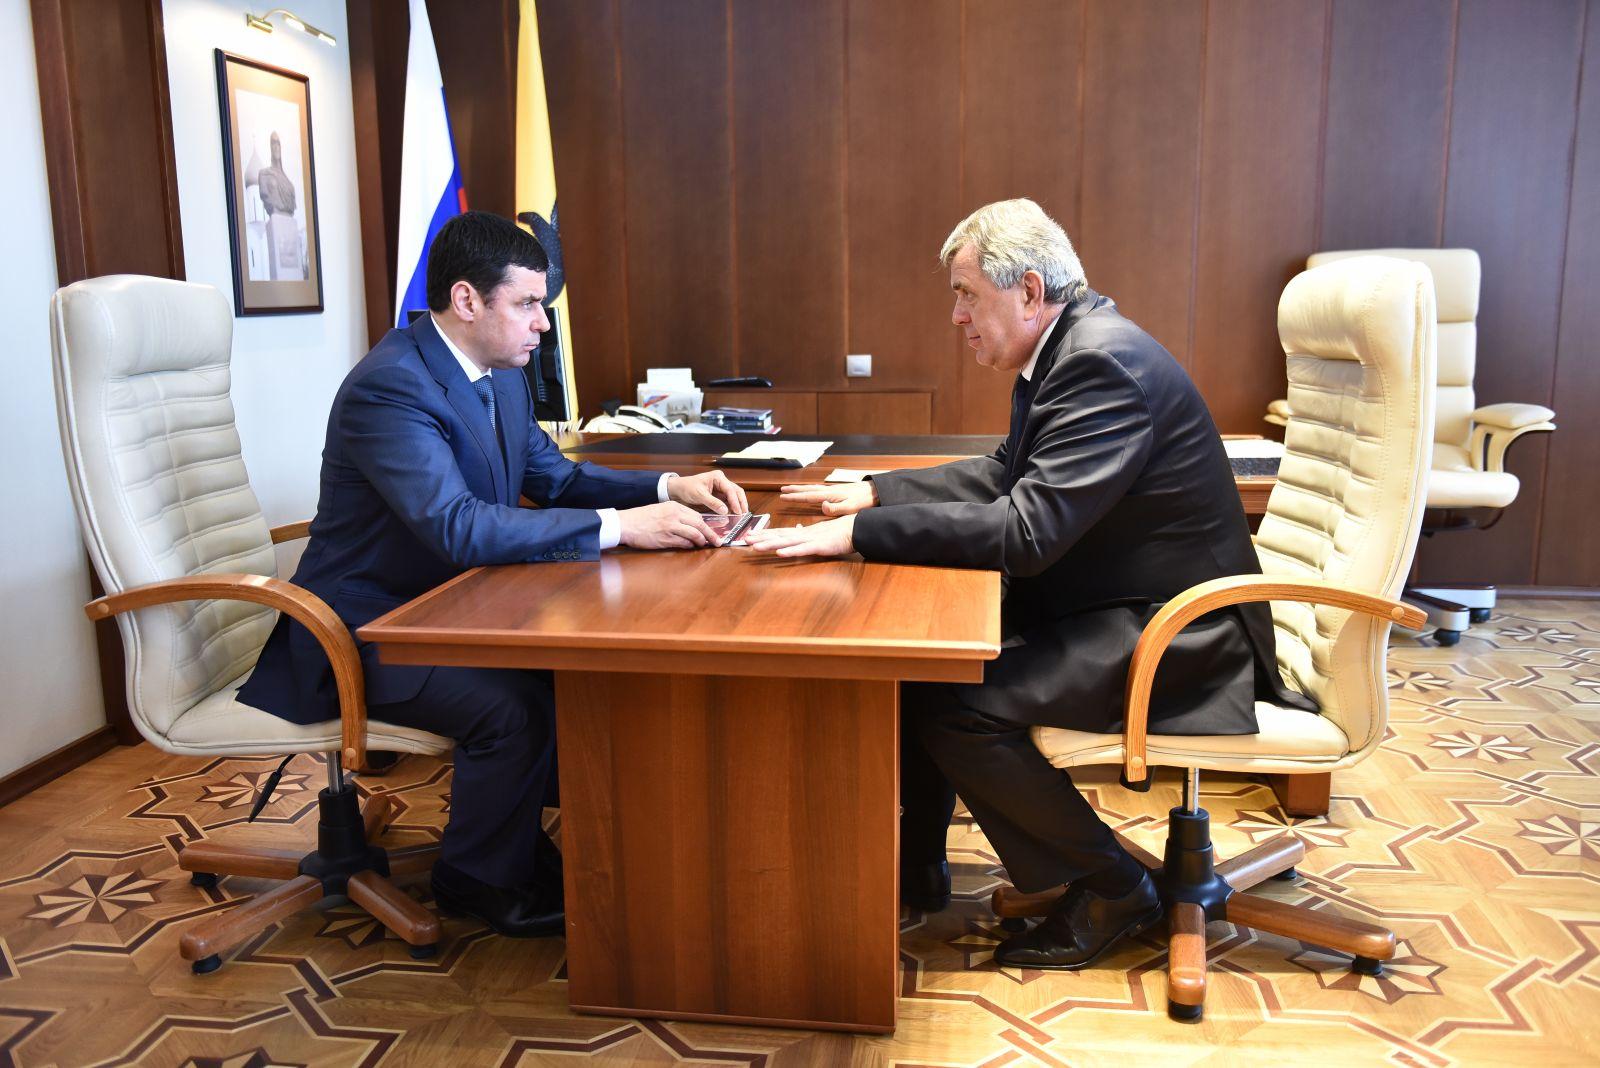 Сергей Ястребов представлен к госнаграде и будет работать в федеральных структурах